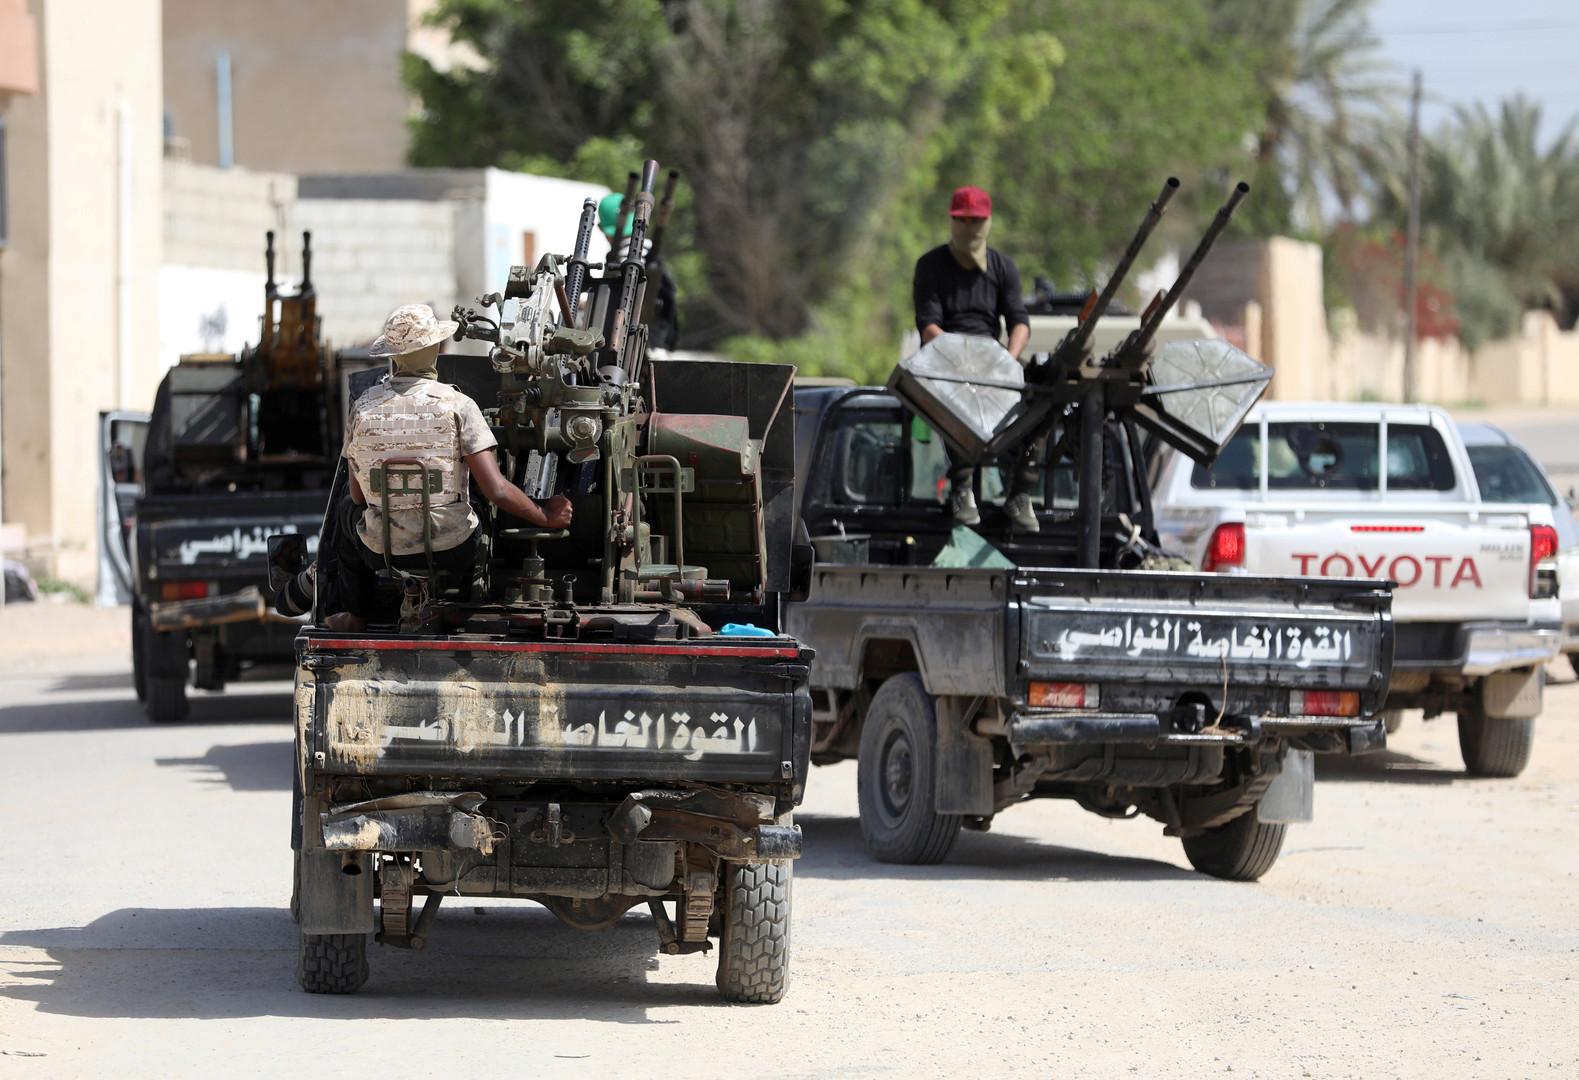 عناصر من القوات الموالية لحكومة الوفاق الوطني الليبية في طرابلس